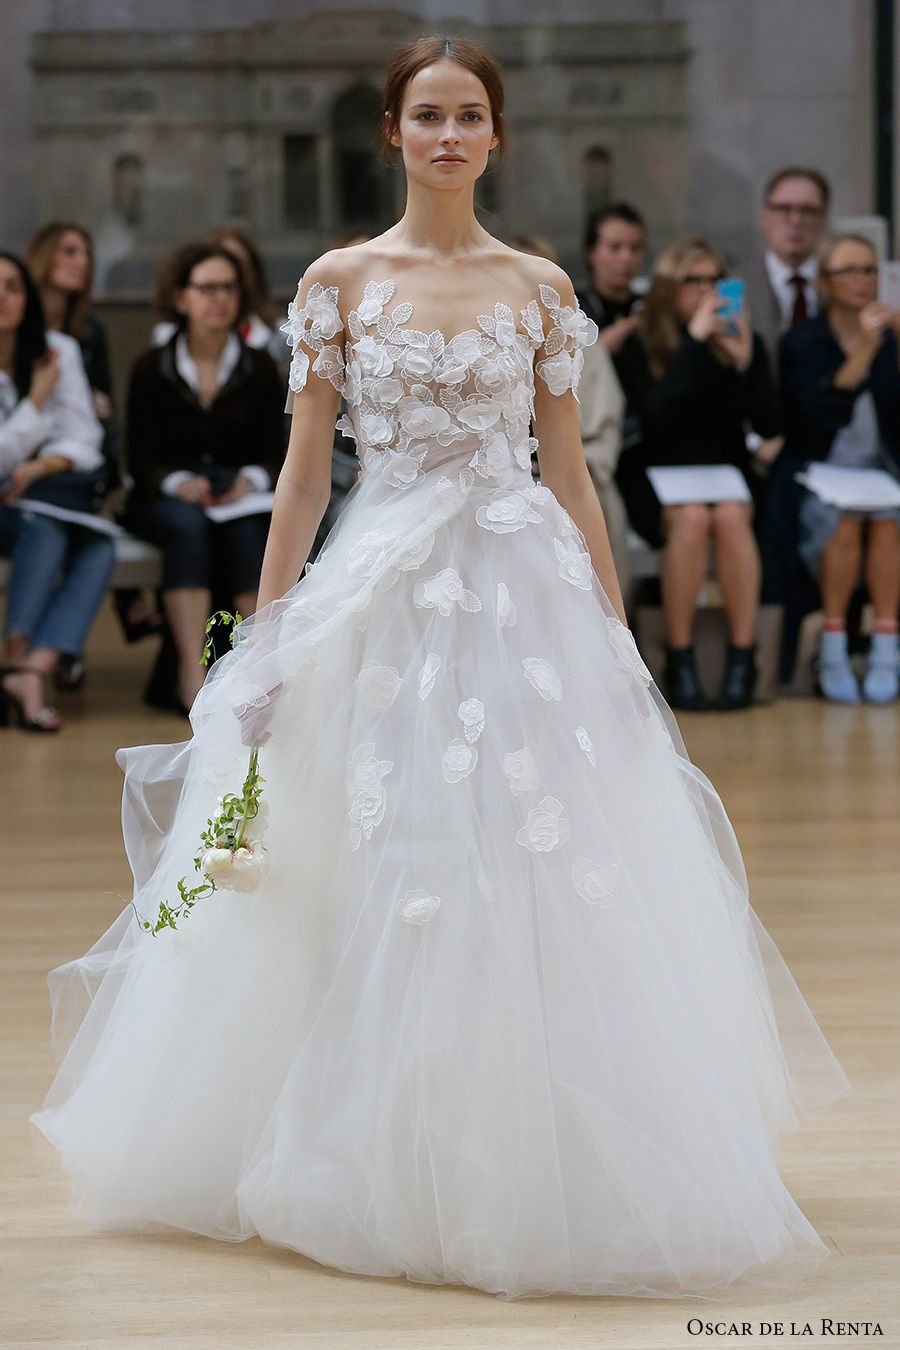 Oscar de la renta spring wedding dresses